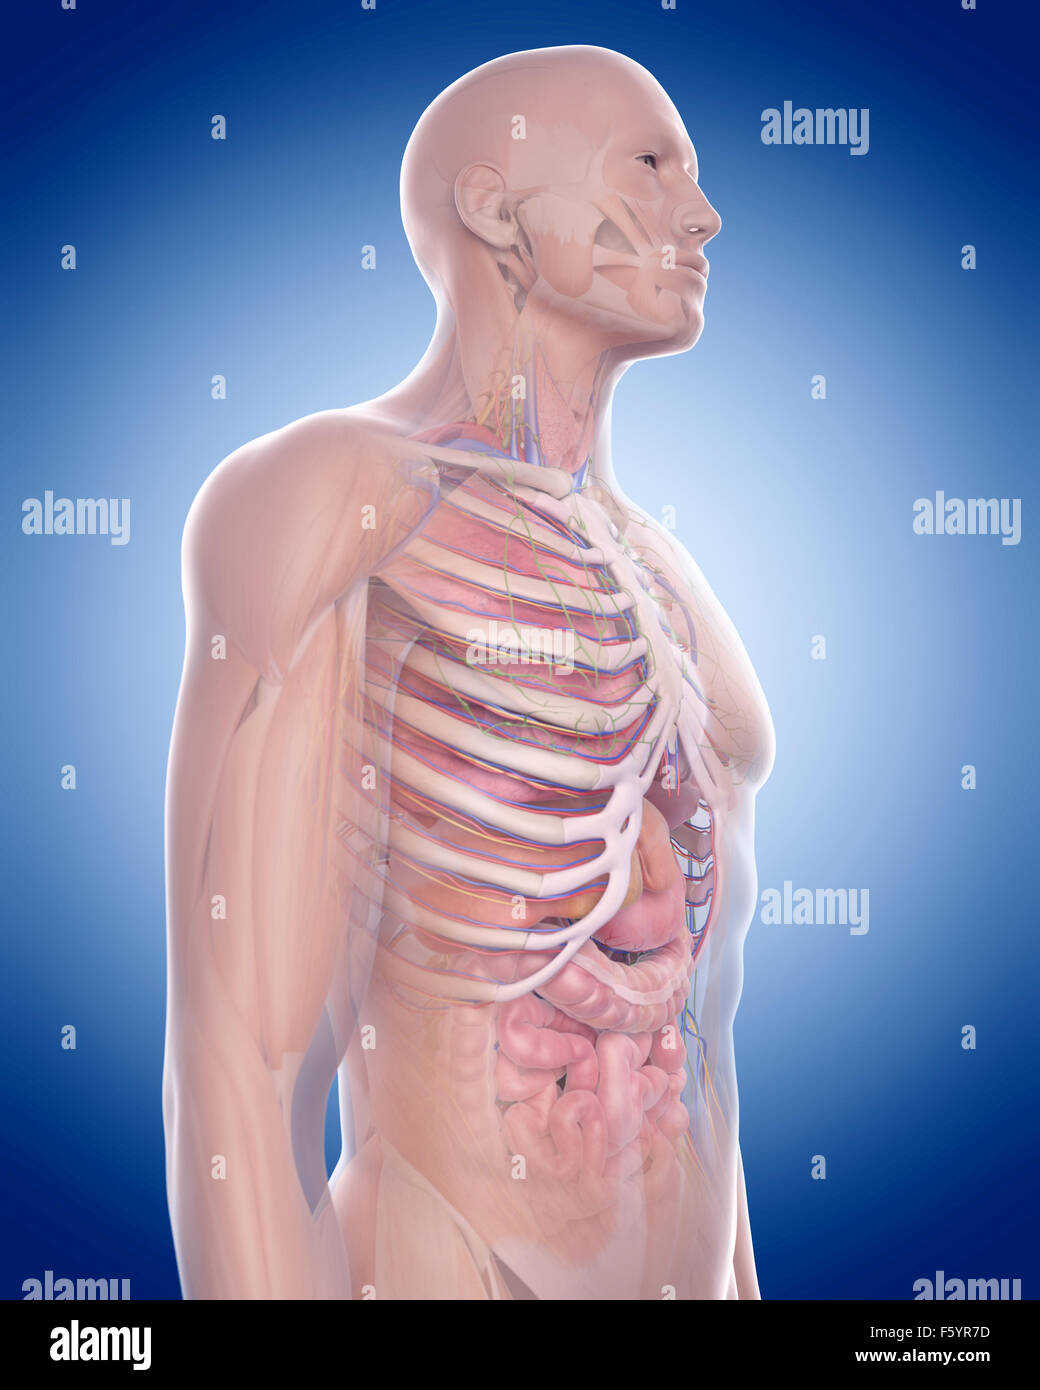 medizinisch genaue Abbildung der Anatomie Brustkorb Stockfoto, Bild ...